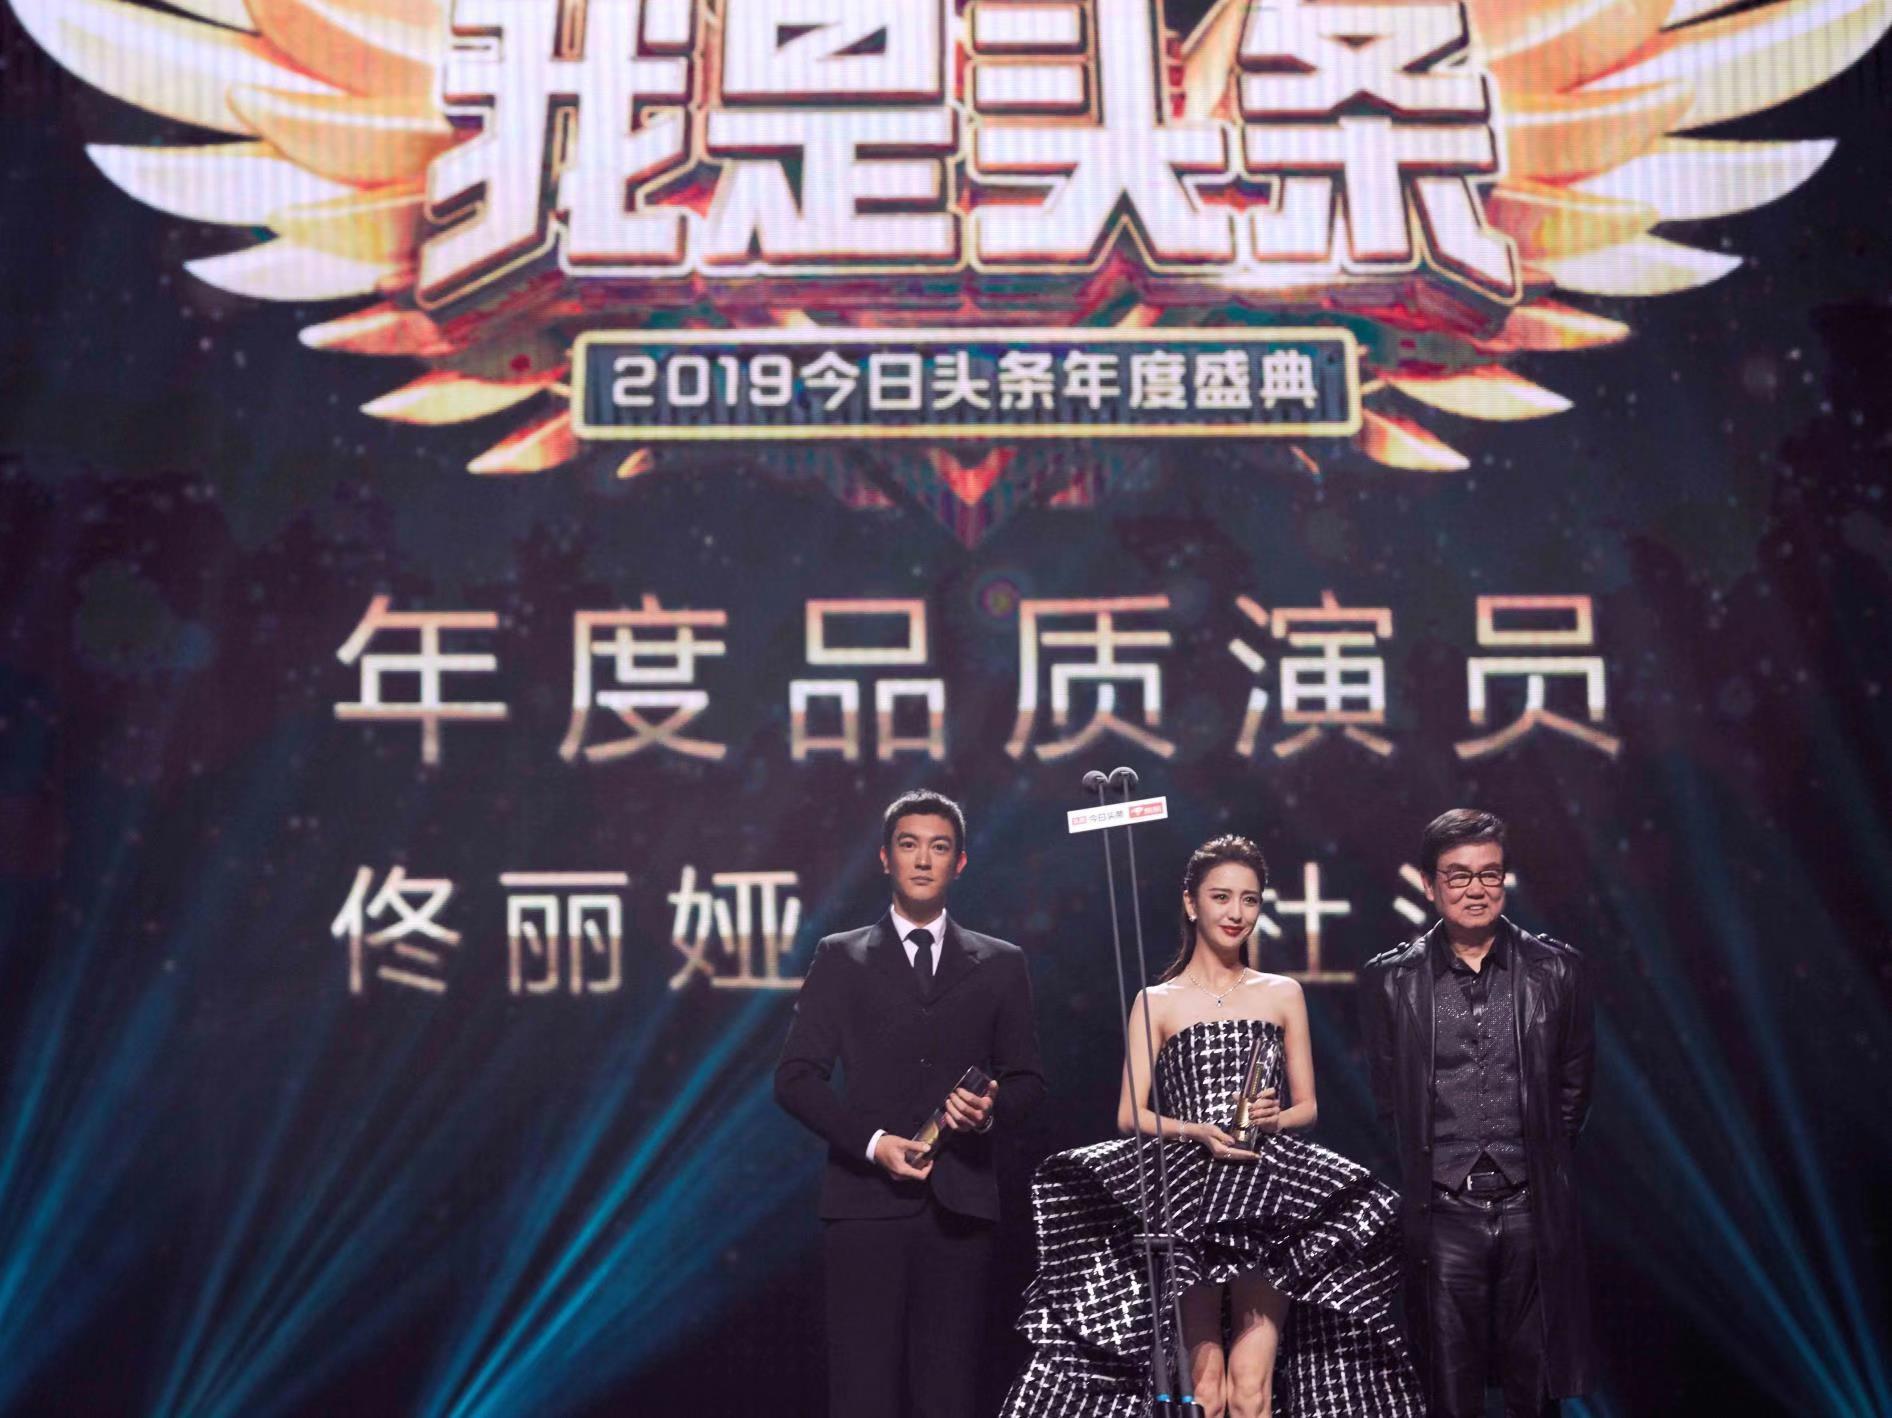 杜江获得年度品质演员的荣誉.jpg